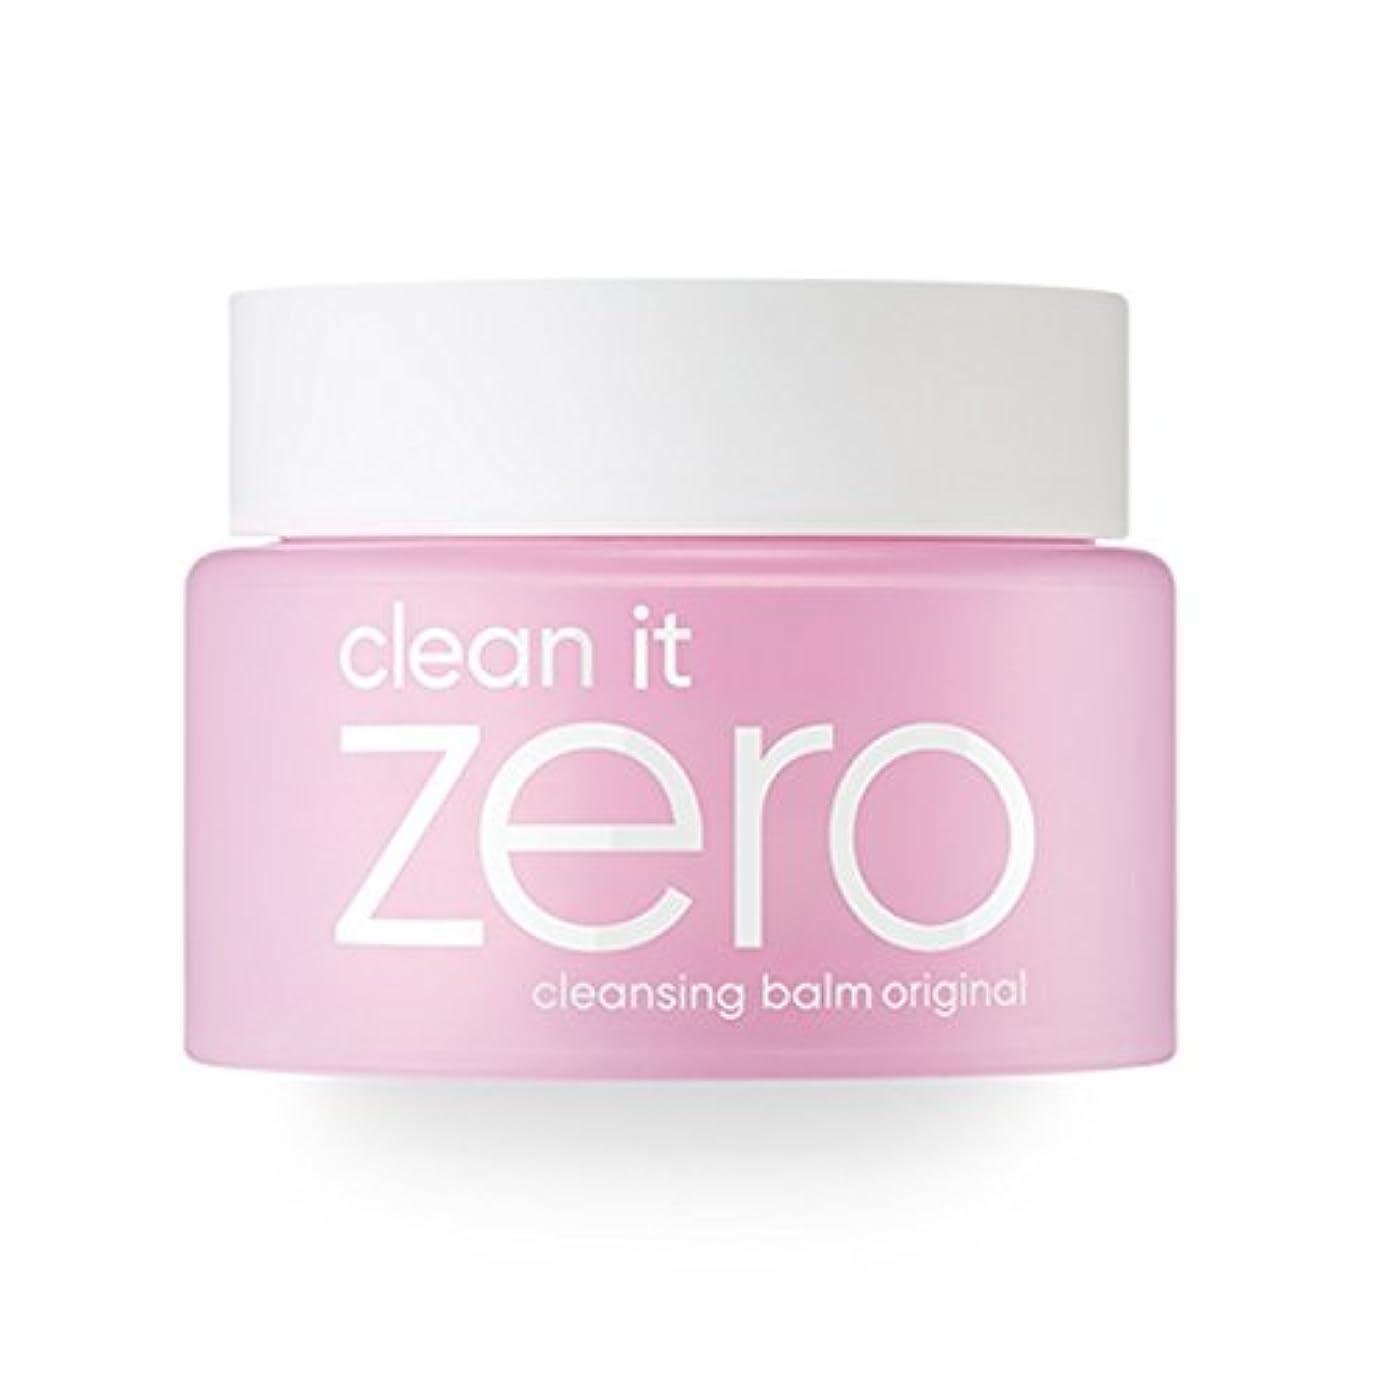 お金勇敢な硫黄Banila.co クリーン イット ゼロ クレンジングバーム オリジナル / Clean it Zero Cleansing Balm Original (100ml)